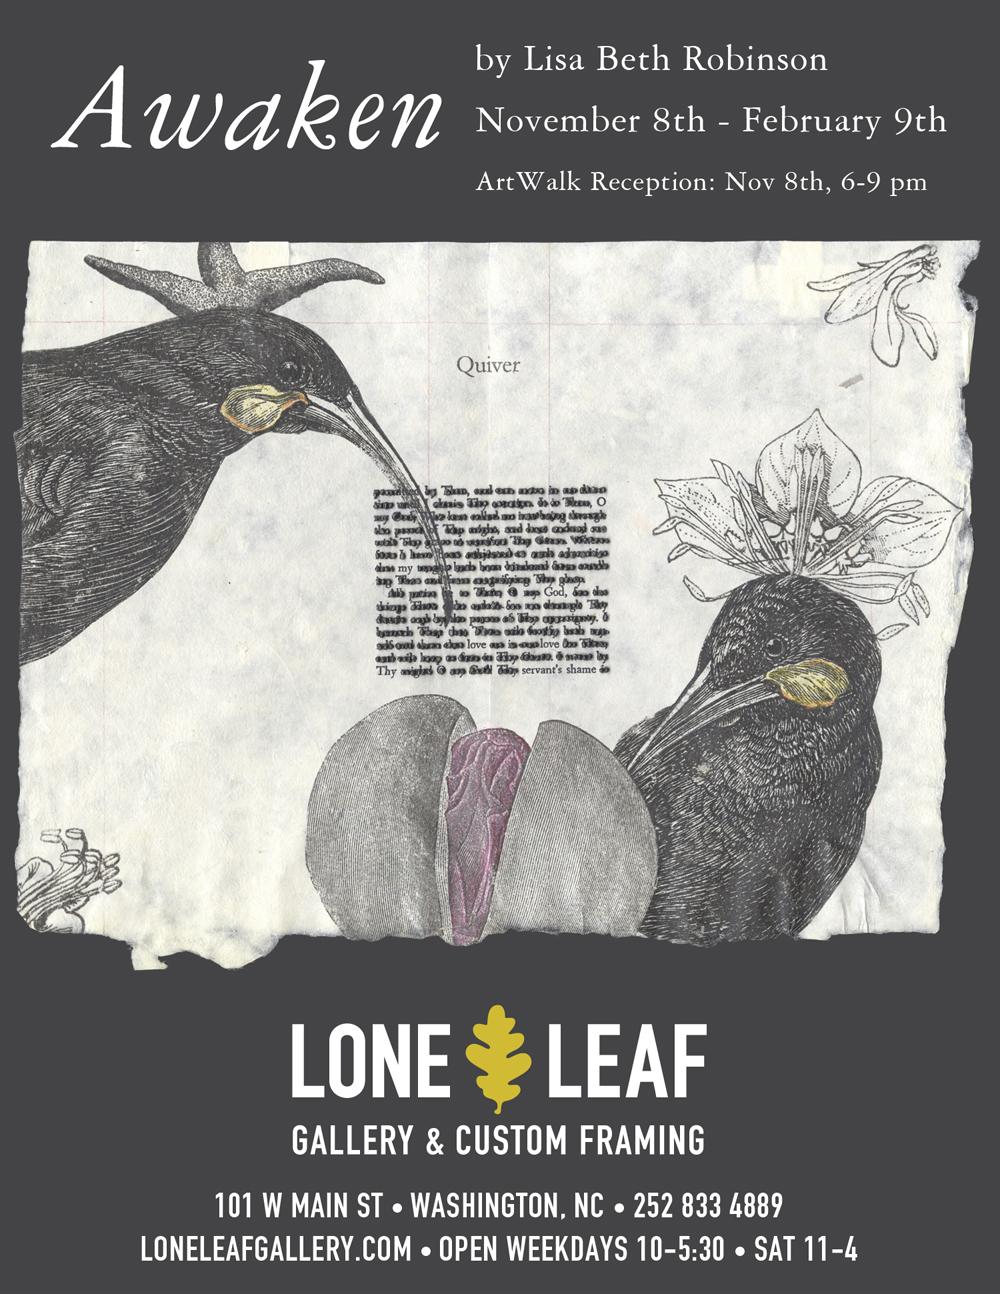 Lisa Beth Show Poster.jpg